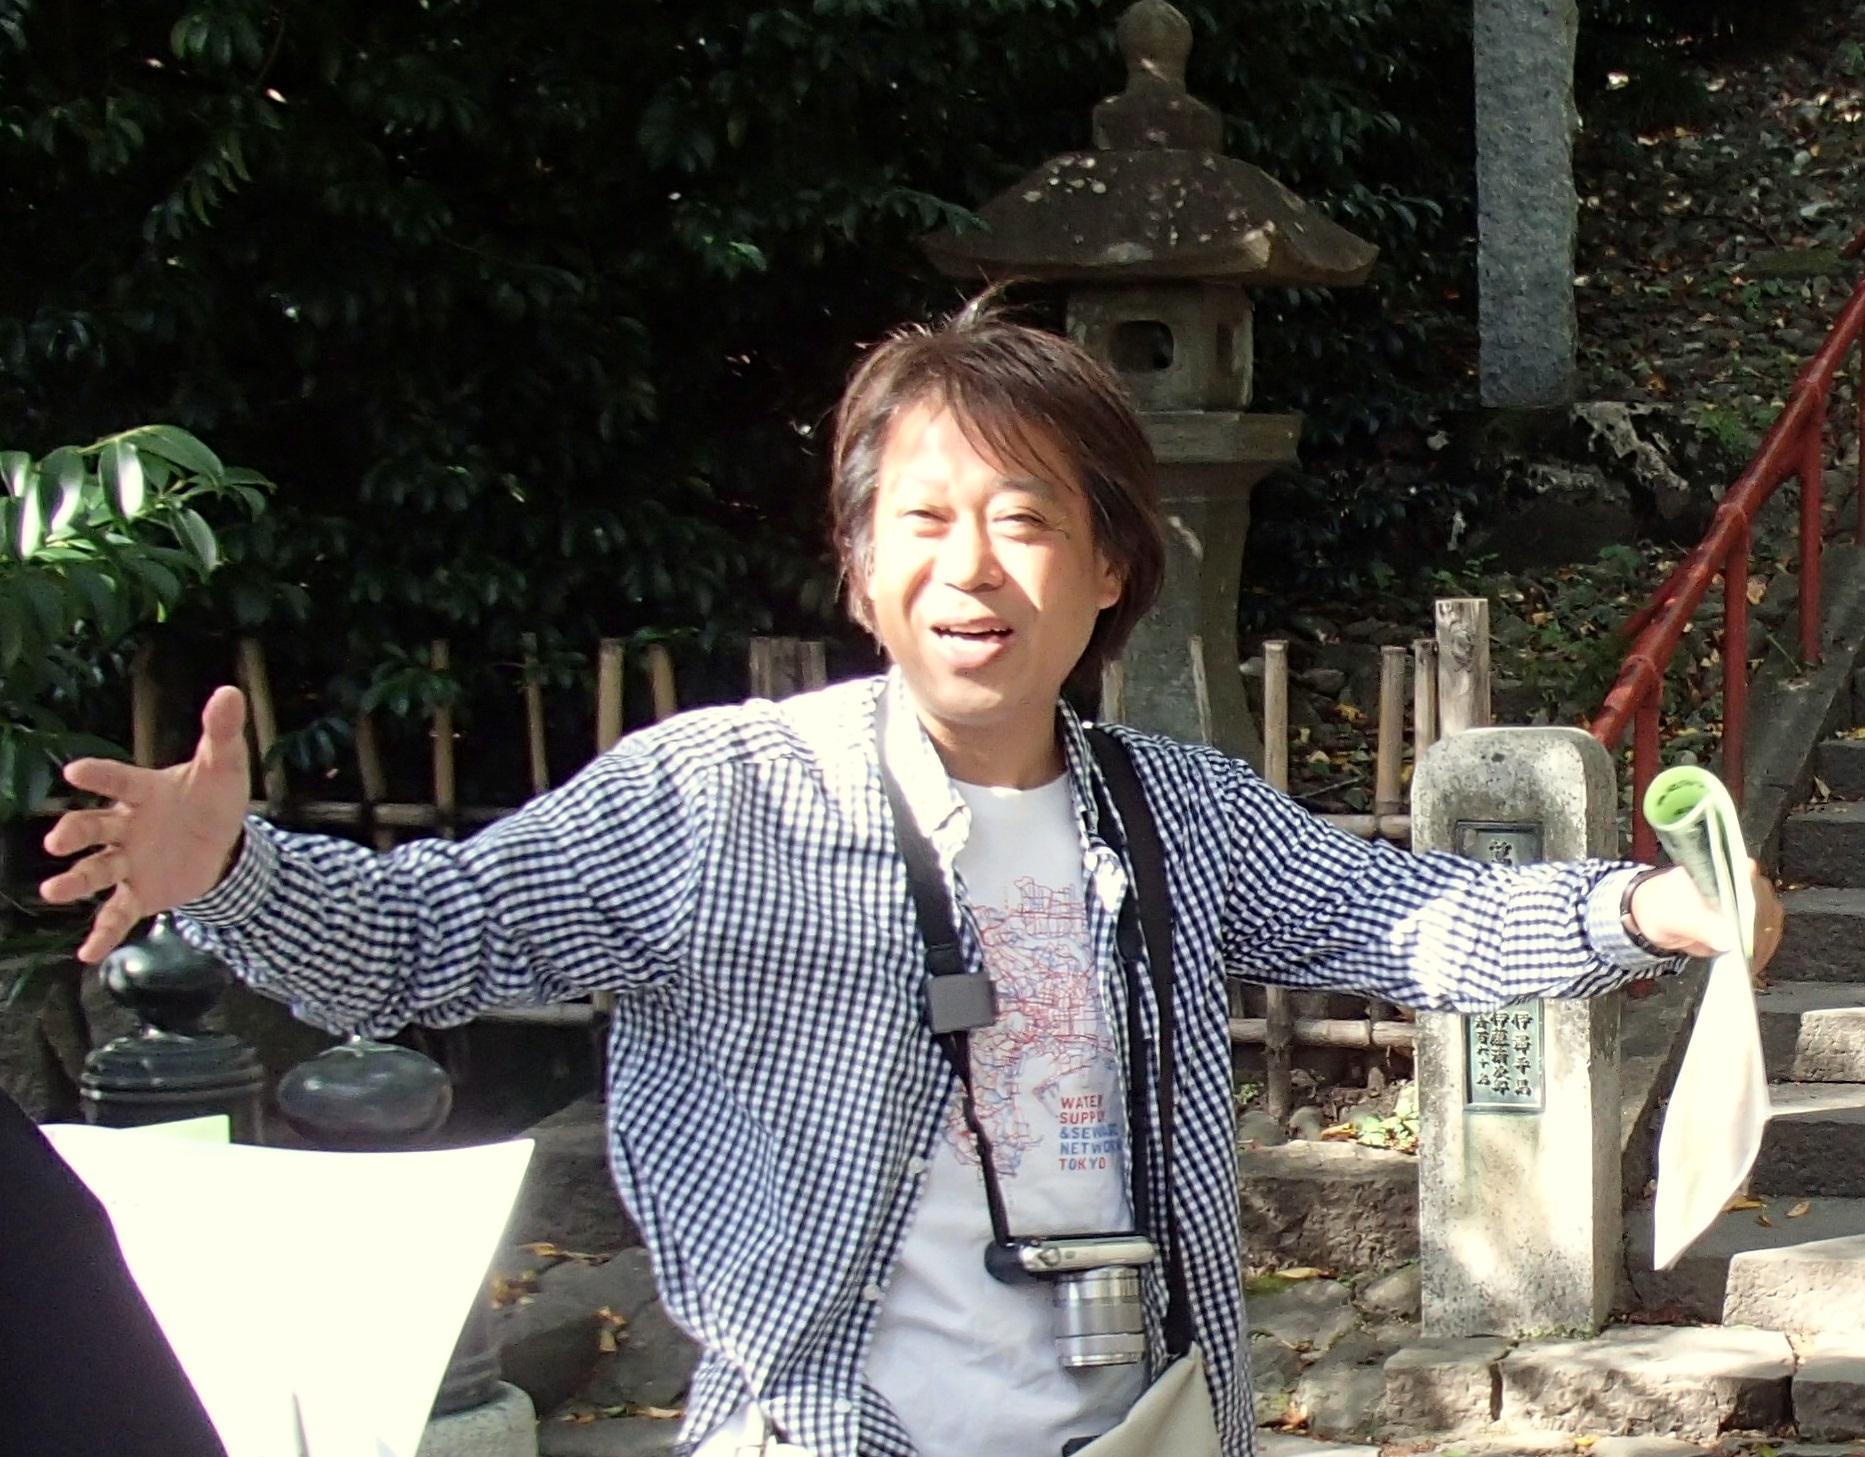 【仙台ふららん】仙台の地形と政宗公の水利事業を訪ね、愛宕堰を目指そう!